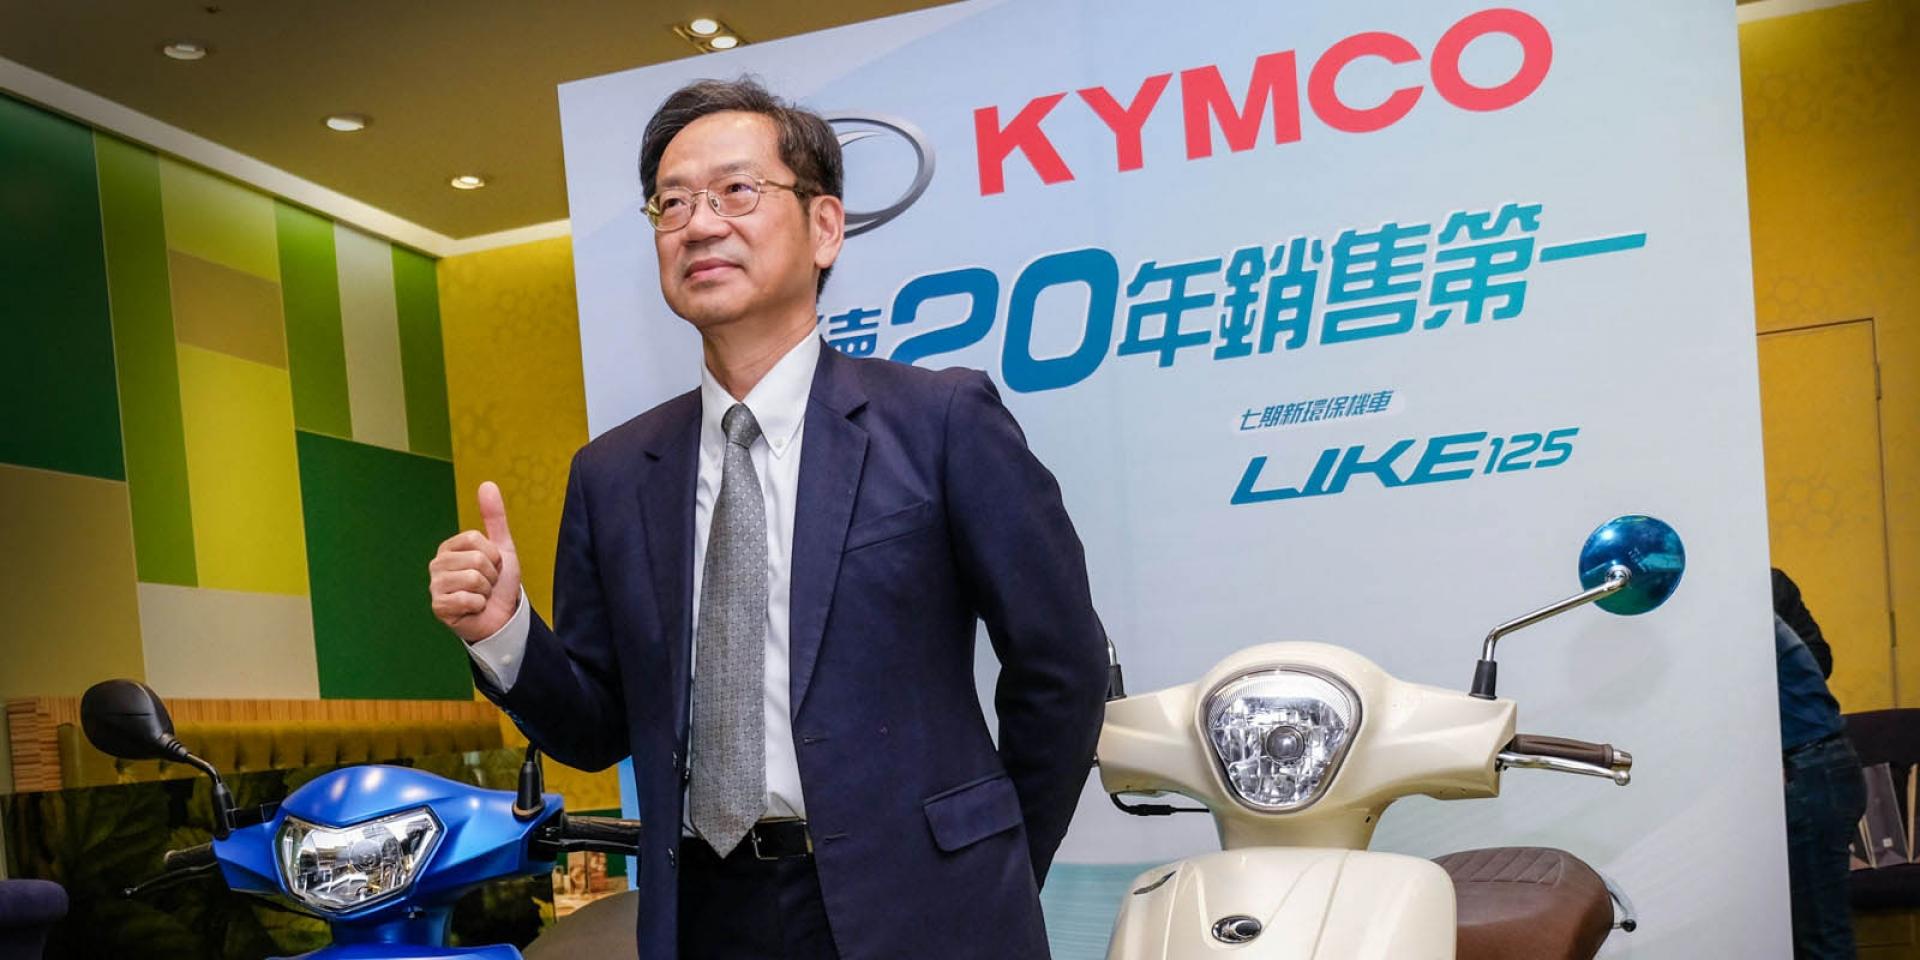 KYMCO向政府喊話!油電平權淪口號,購買七期環保機車成本增加